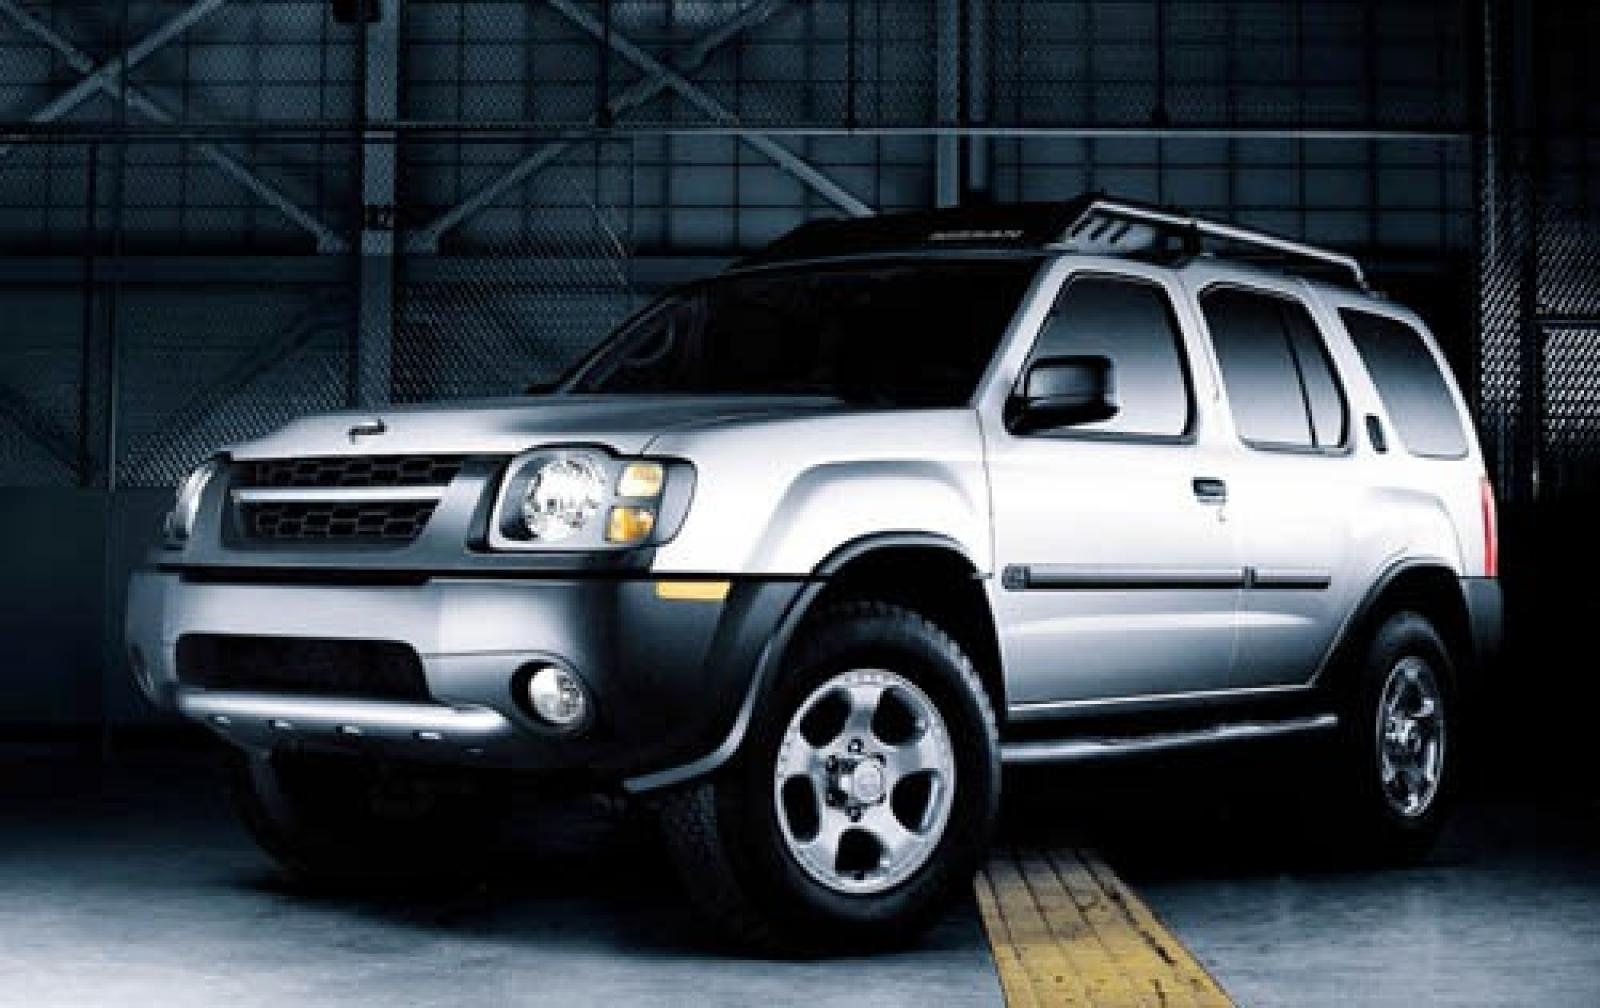 ... 2004 Nissan Xterra SE Rwd Exterior #5 800 1024 1280 1600 Origin ...